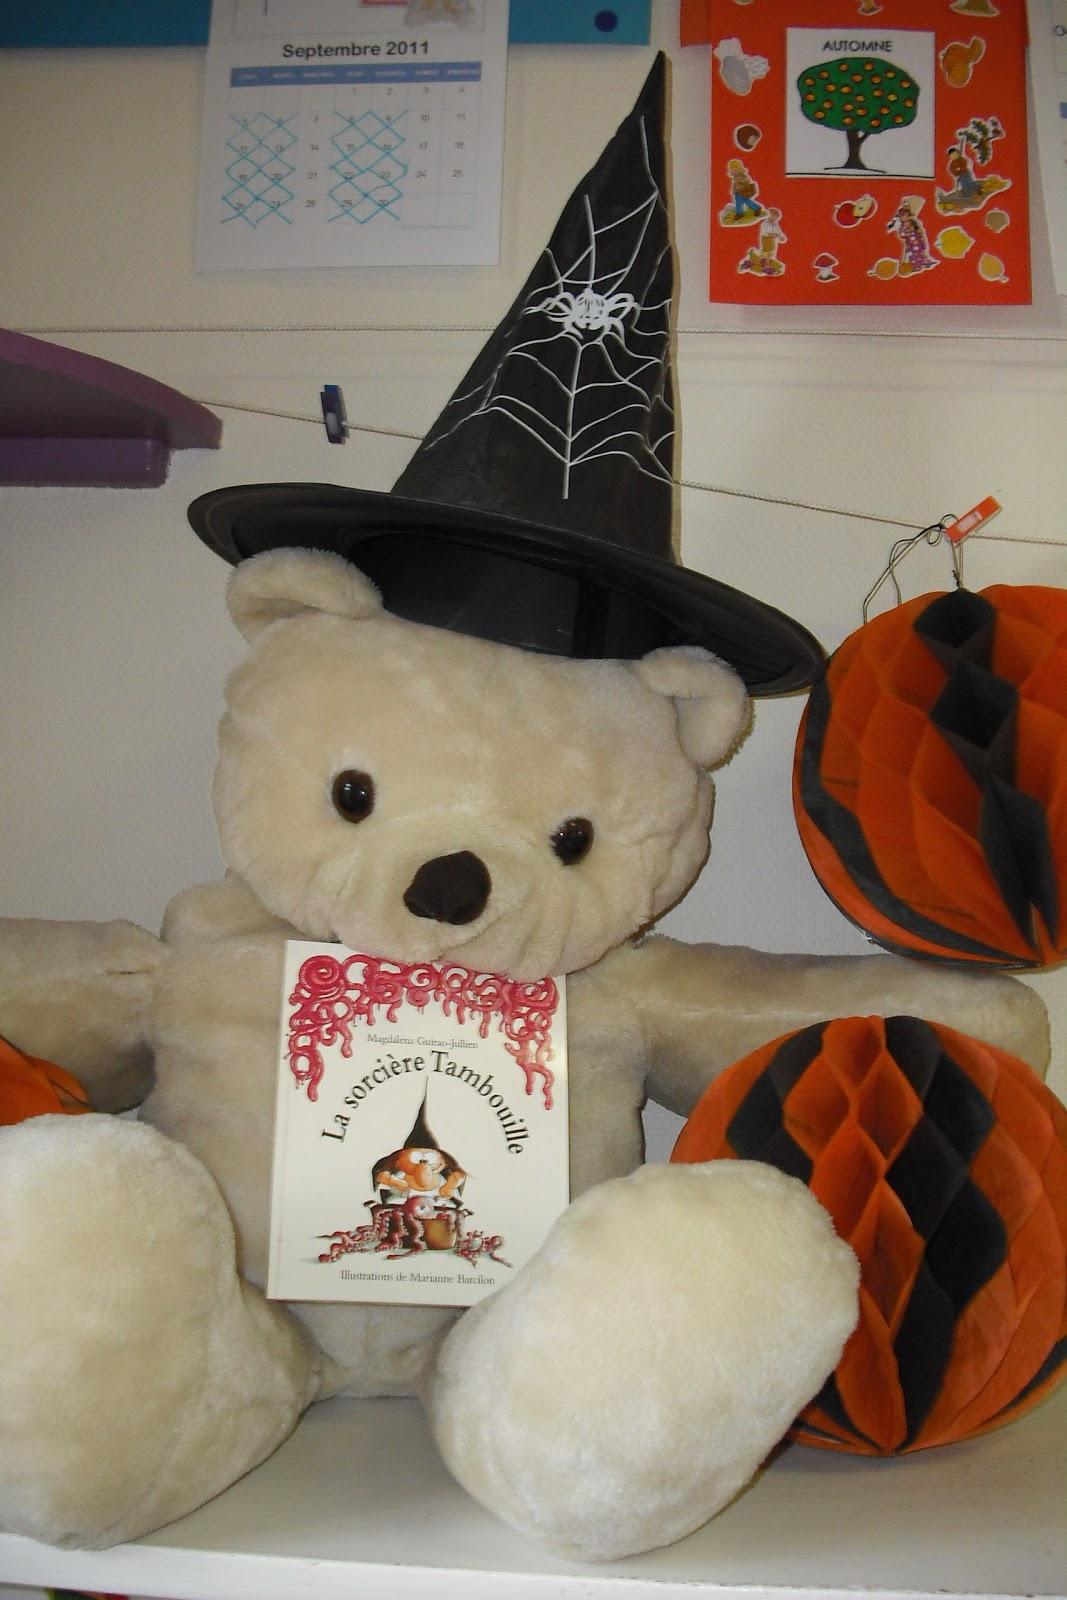 Épinglé Sur Halloween Intérieur La Sorciere Tambouille à La Sorciere Rabounia